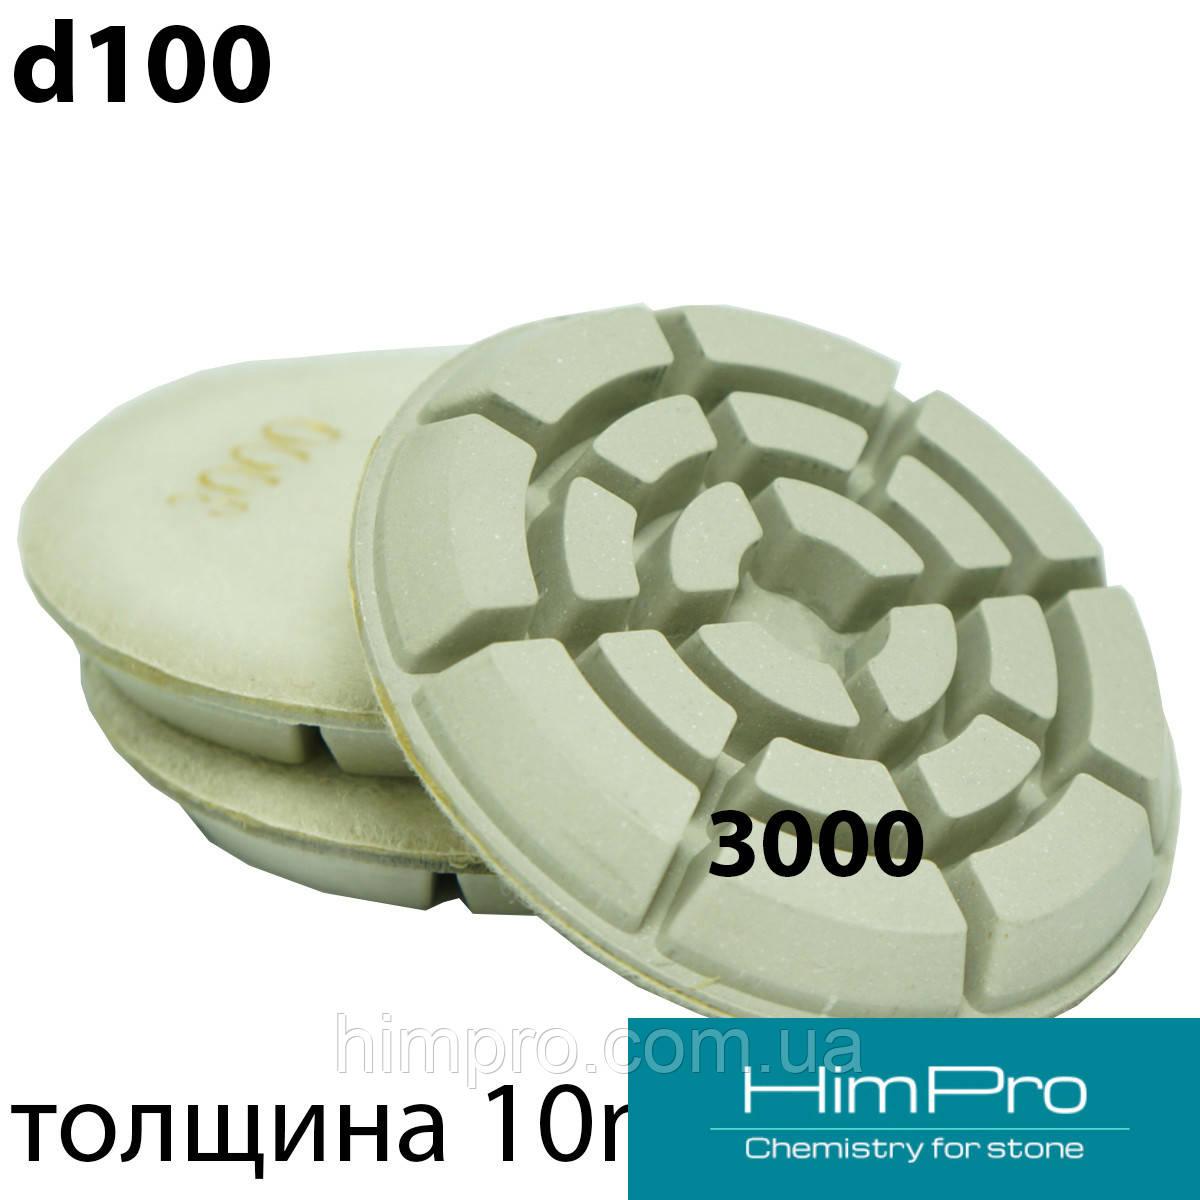 Jumper for Klindex 3шт № 3000 Алмазные полировальные шарошки